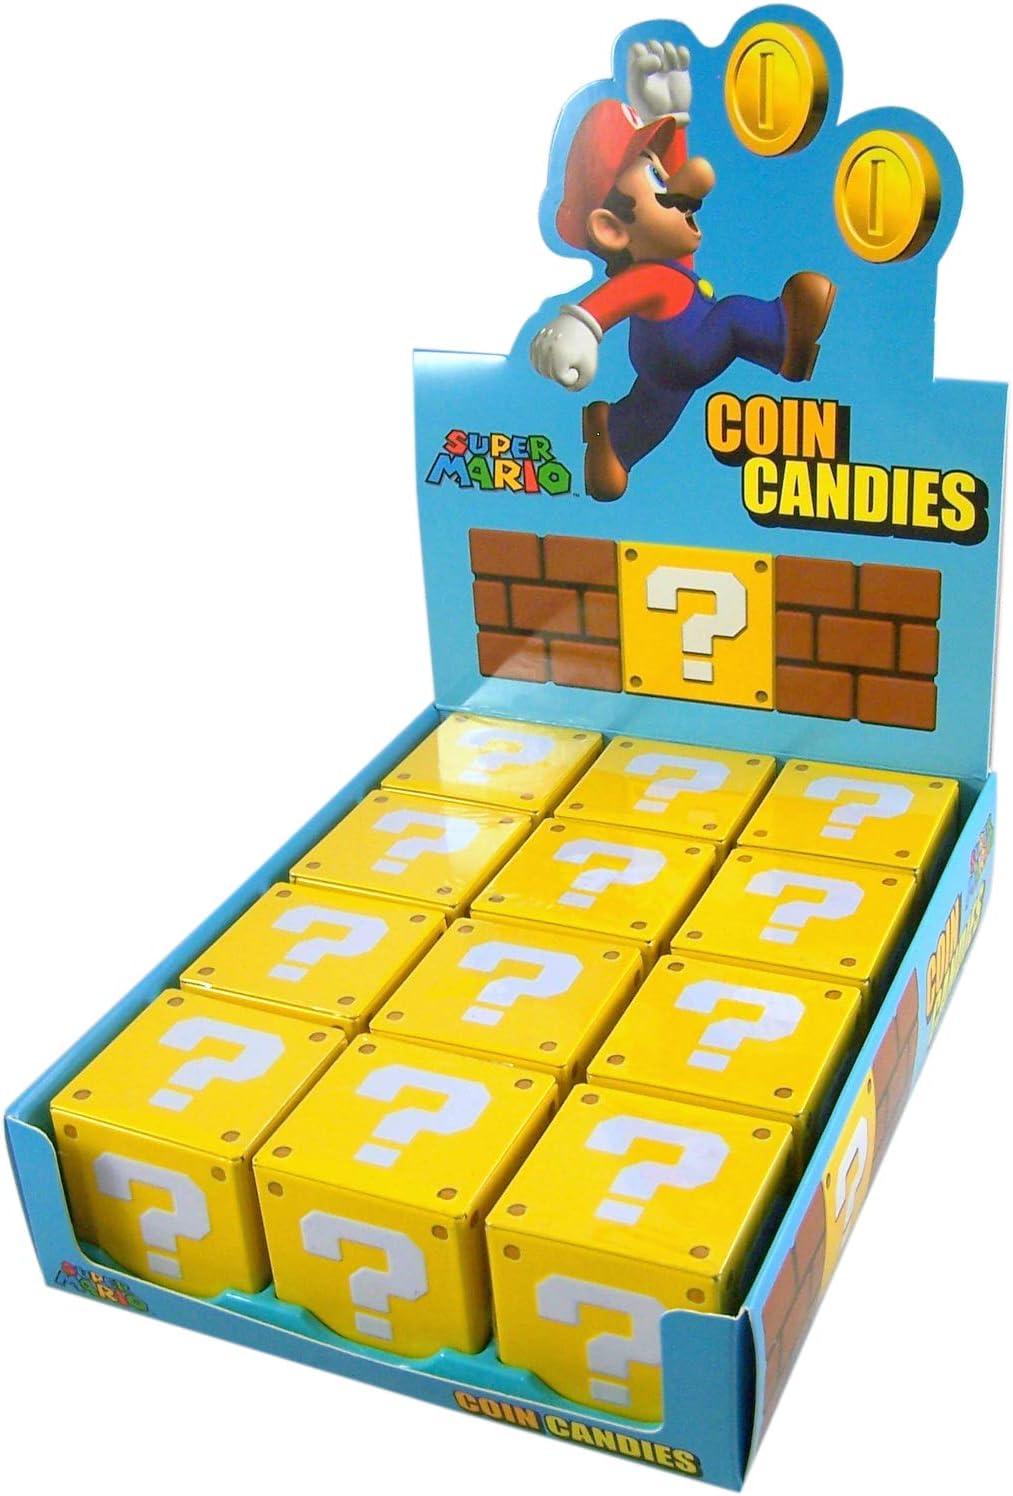 super mario bros coin box sind optionen die gleichen wie binäre optionen